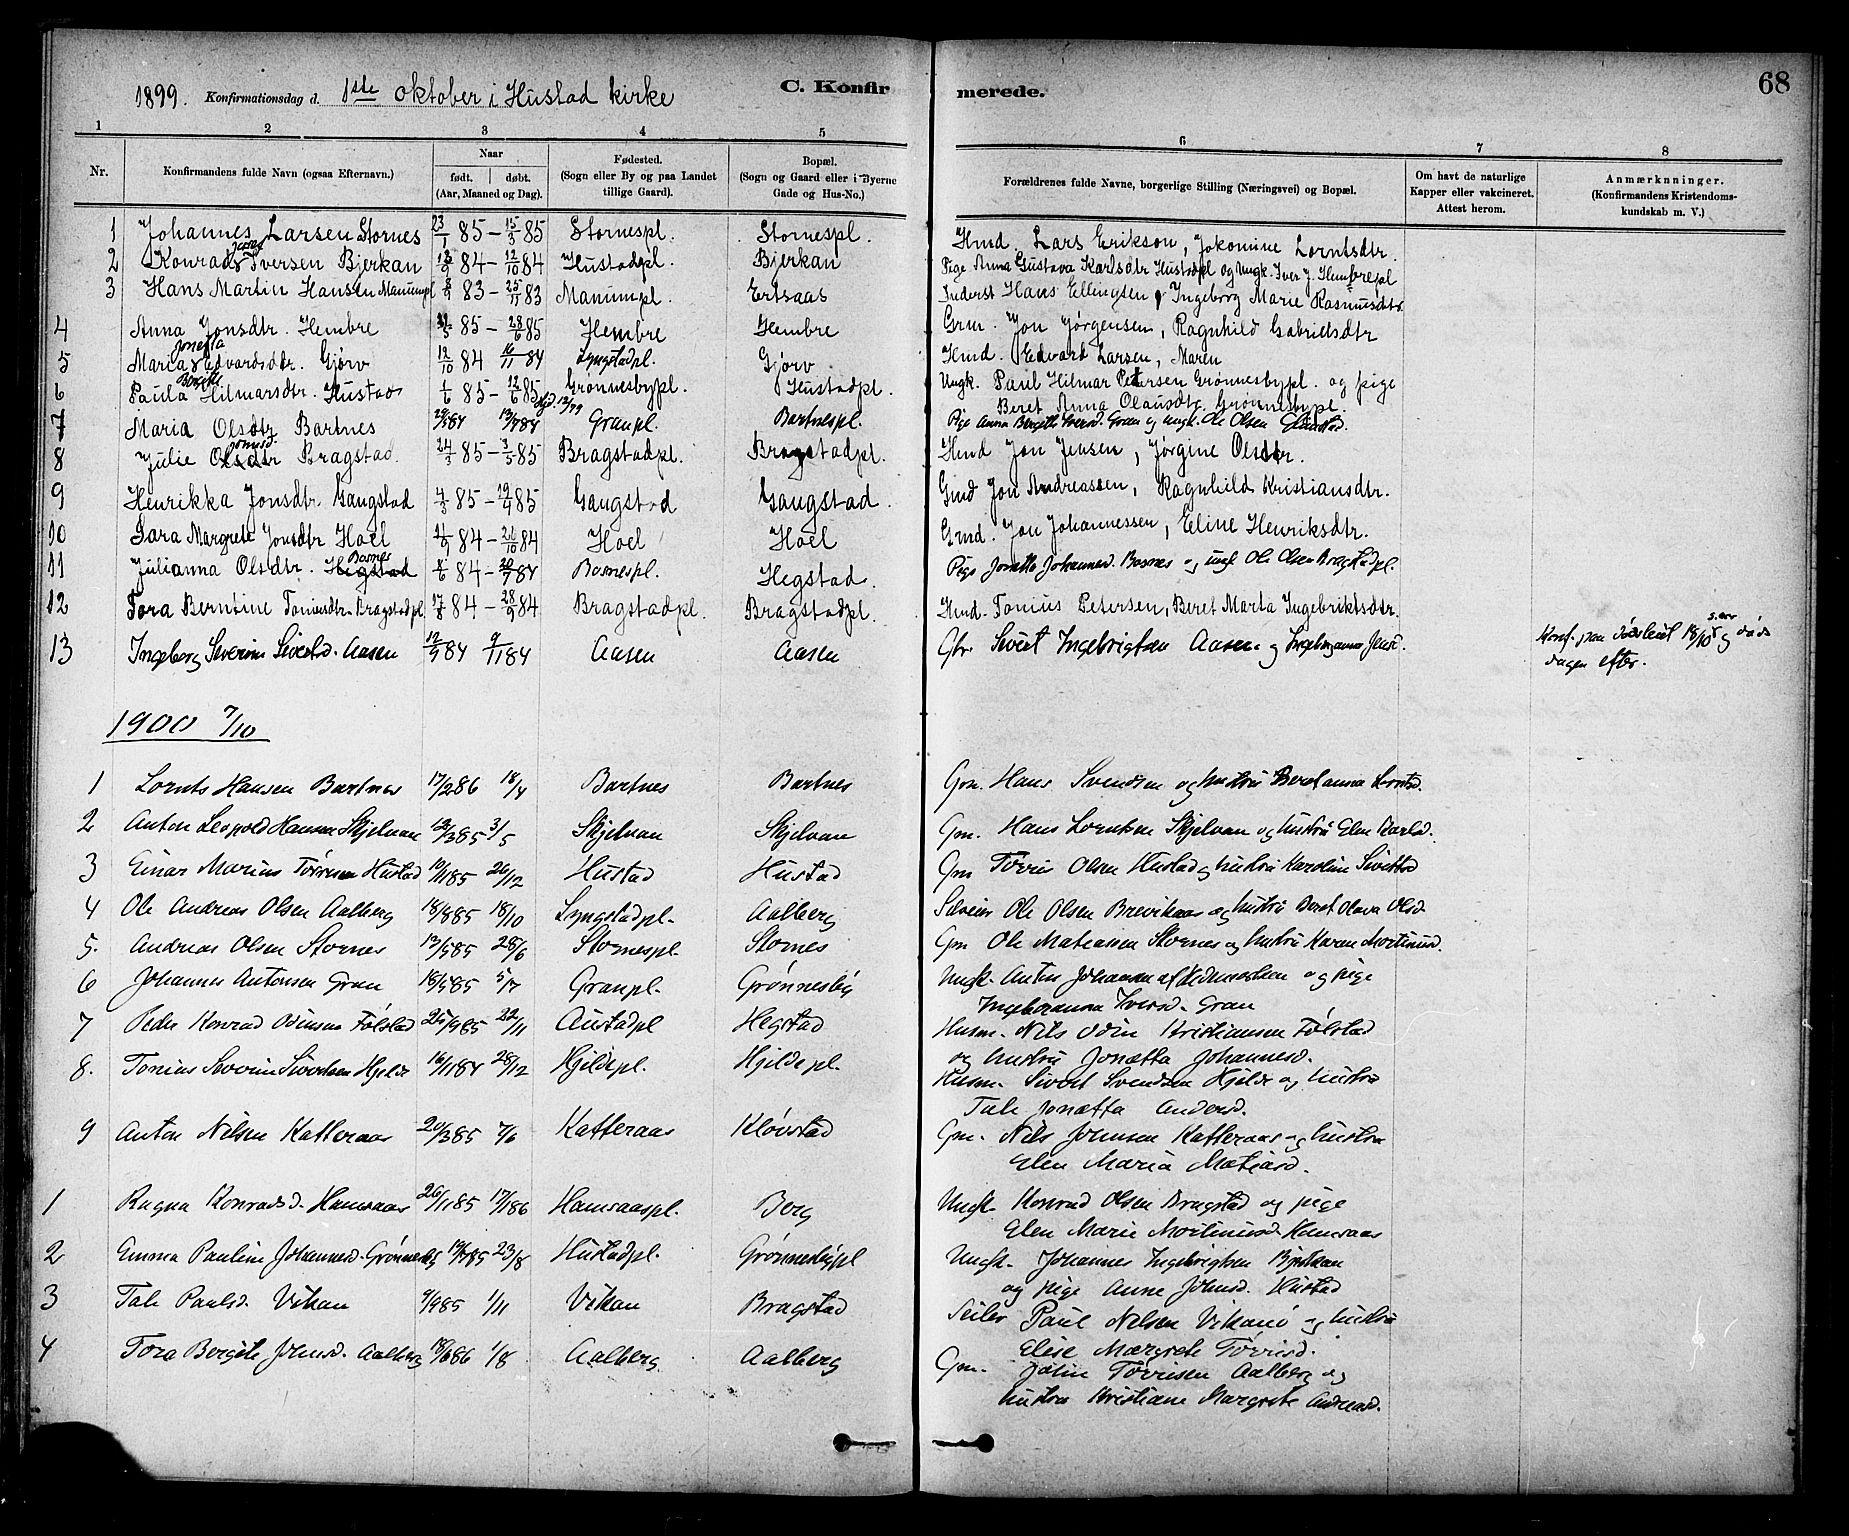 SAT, Ministerialprotokoller, klokkerbøker og fødselsregistre - Nord-Trøndelag, 732/L0318: Klokkerbok nr. 732C02, 1881-1911, s. 68